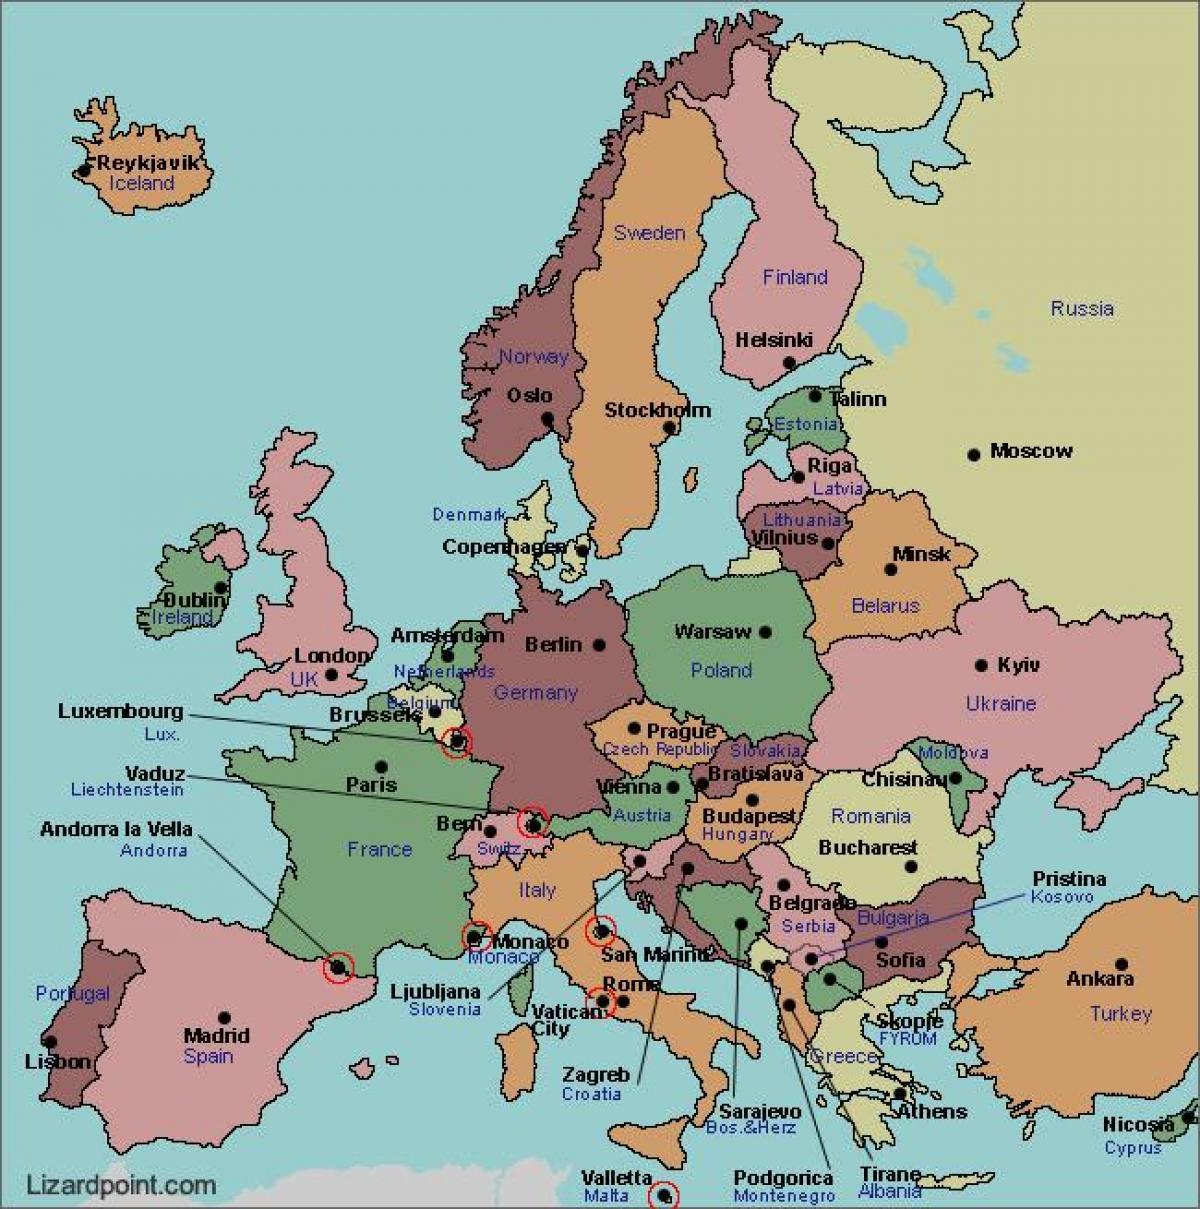 Karte Von Europa.Bukarest Karte Europa Karte Von Bukarest Europa Rumanien